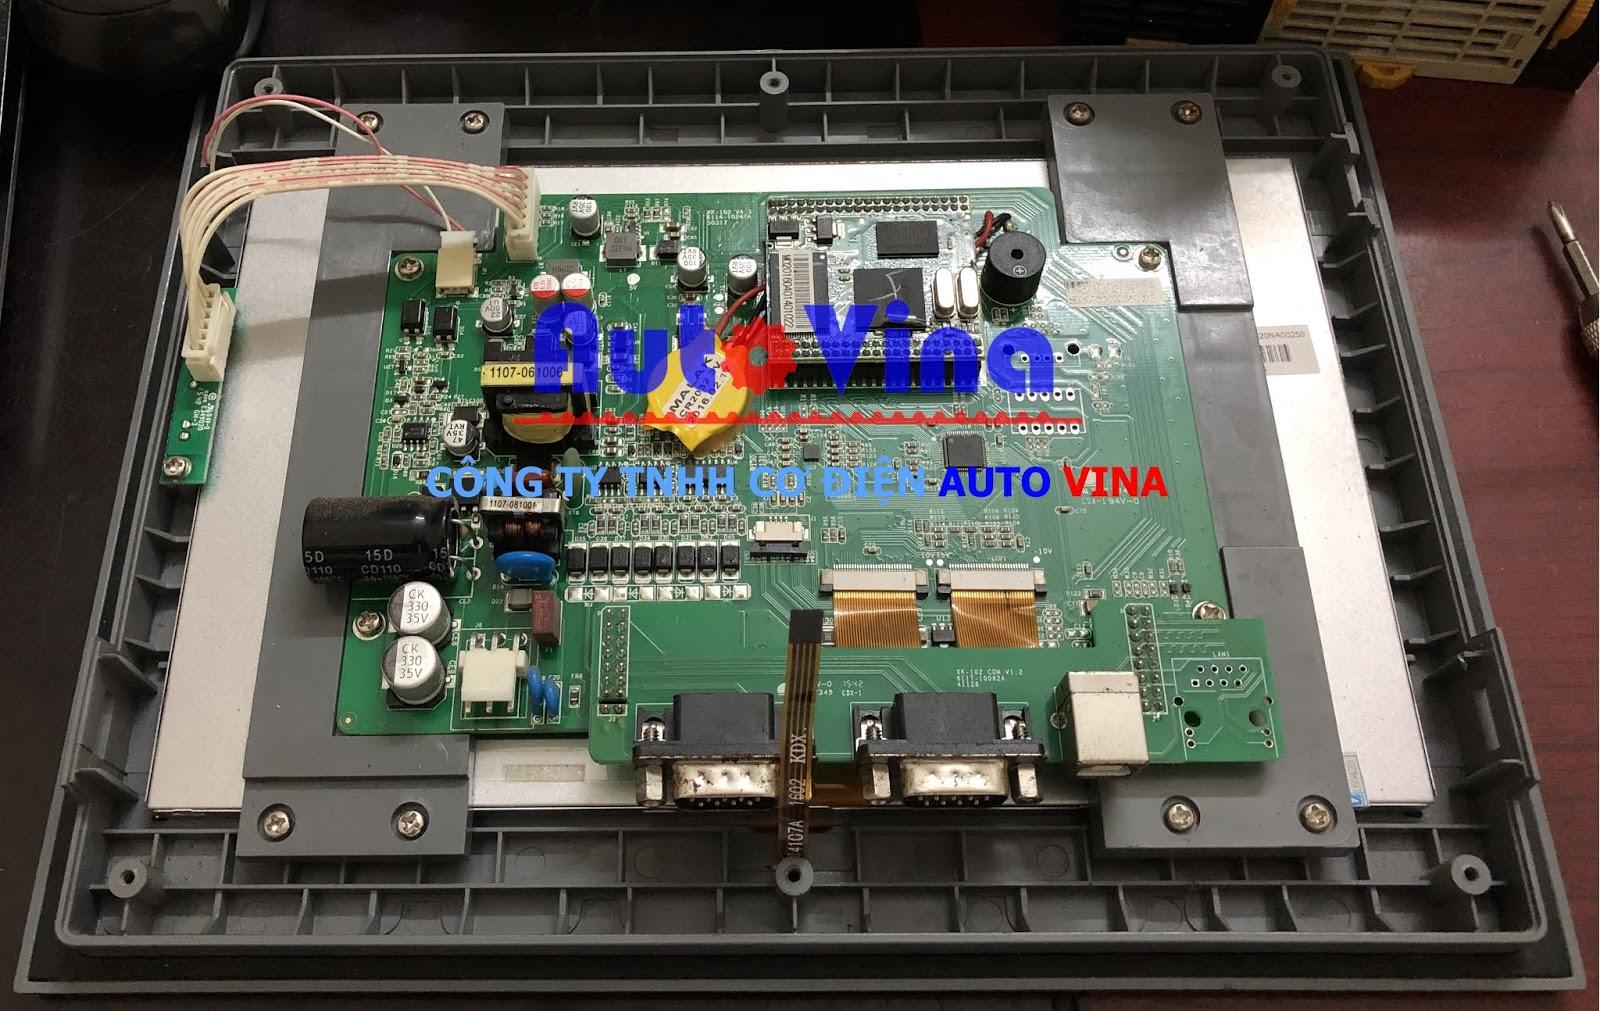 Sửa Board mạch màn hình HMI Samkoon SA-102A, sửa màn hình Samkoon không lên nguồn